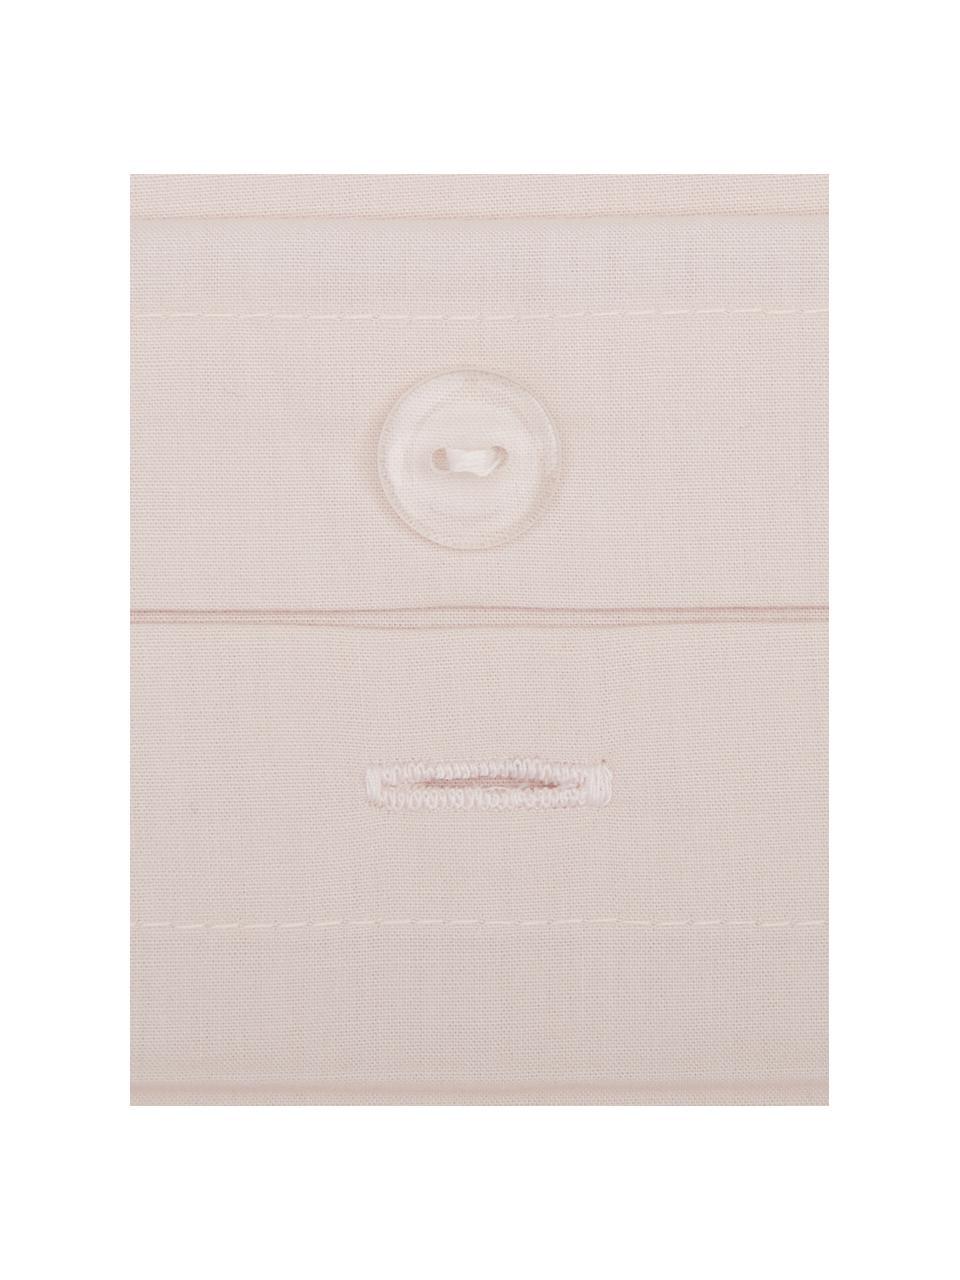 Perkal dekbedovertrek Elsie, Weeftechniek: perkal Draaddichtheid 200, Roze, 240 x 220 cm + 2 kussen 60 x 70 cm